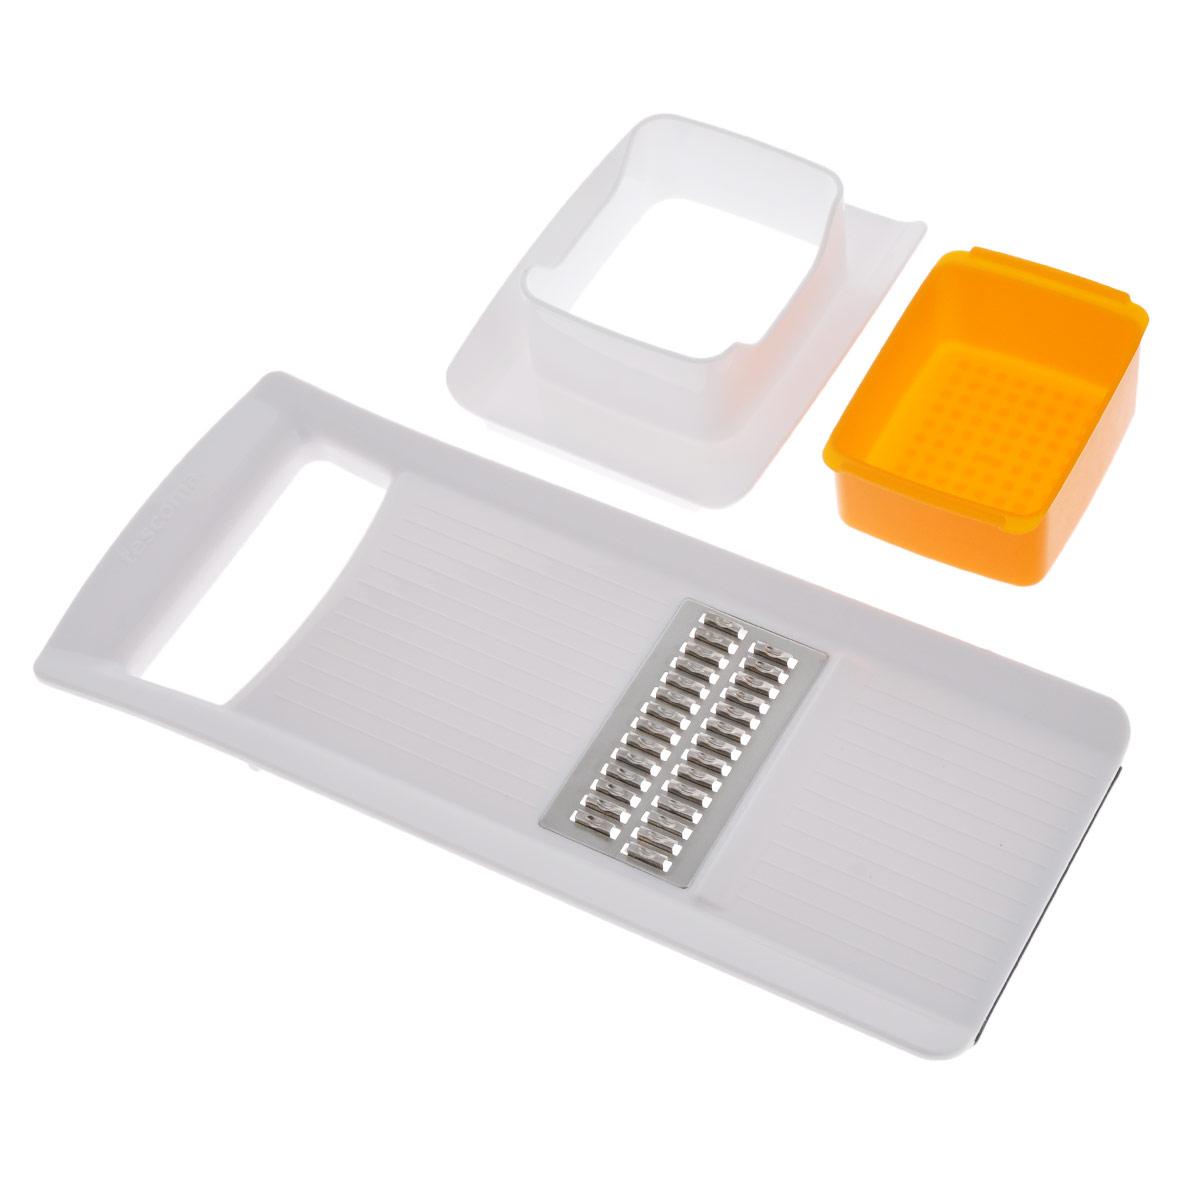 Терка Tescoma Жульен, цвет: белый, оранжевый643854Терка Tescoma Жульен, изготовленная из прочного пластика с дополнительным острым лезвием из высококачественной нержавеющей стали, отлично подходит для быстрой нарезки соломкой моркови, сельдерея, белого редиса, картофеля. Нижнее основание изделия имеет силиконовую антискользящую вставку для комфортной работы. В комплект также входят пластиковая емкость и толкатель для безопасной нарезки. Можно мыть в посудомоечной машине. Размер терки: 28 см х 12 см х 1,5 см. Размер емкости: 9 см х 6,5 см х 4 см.